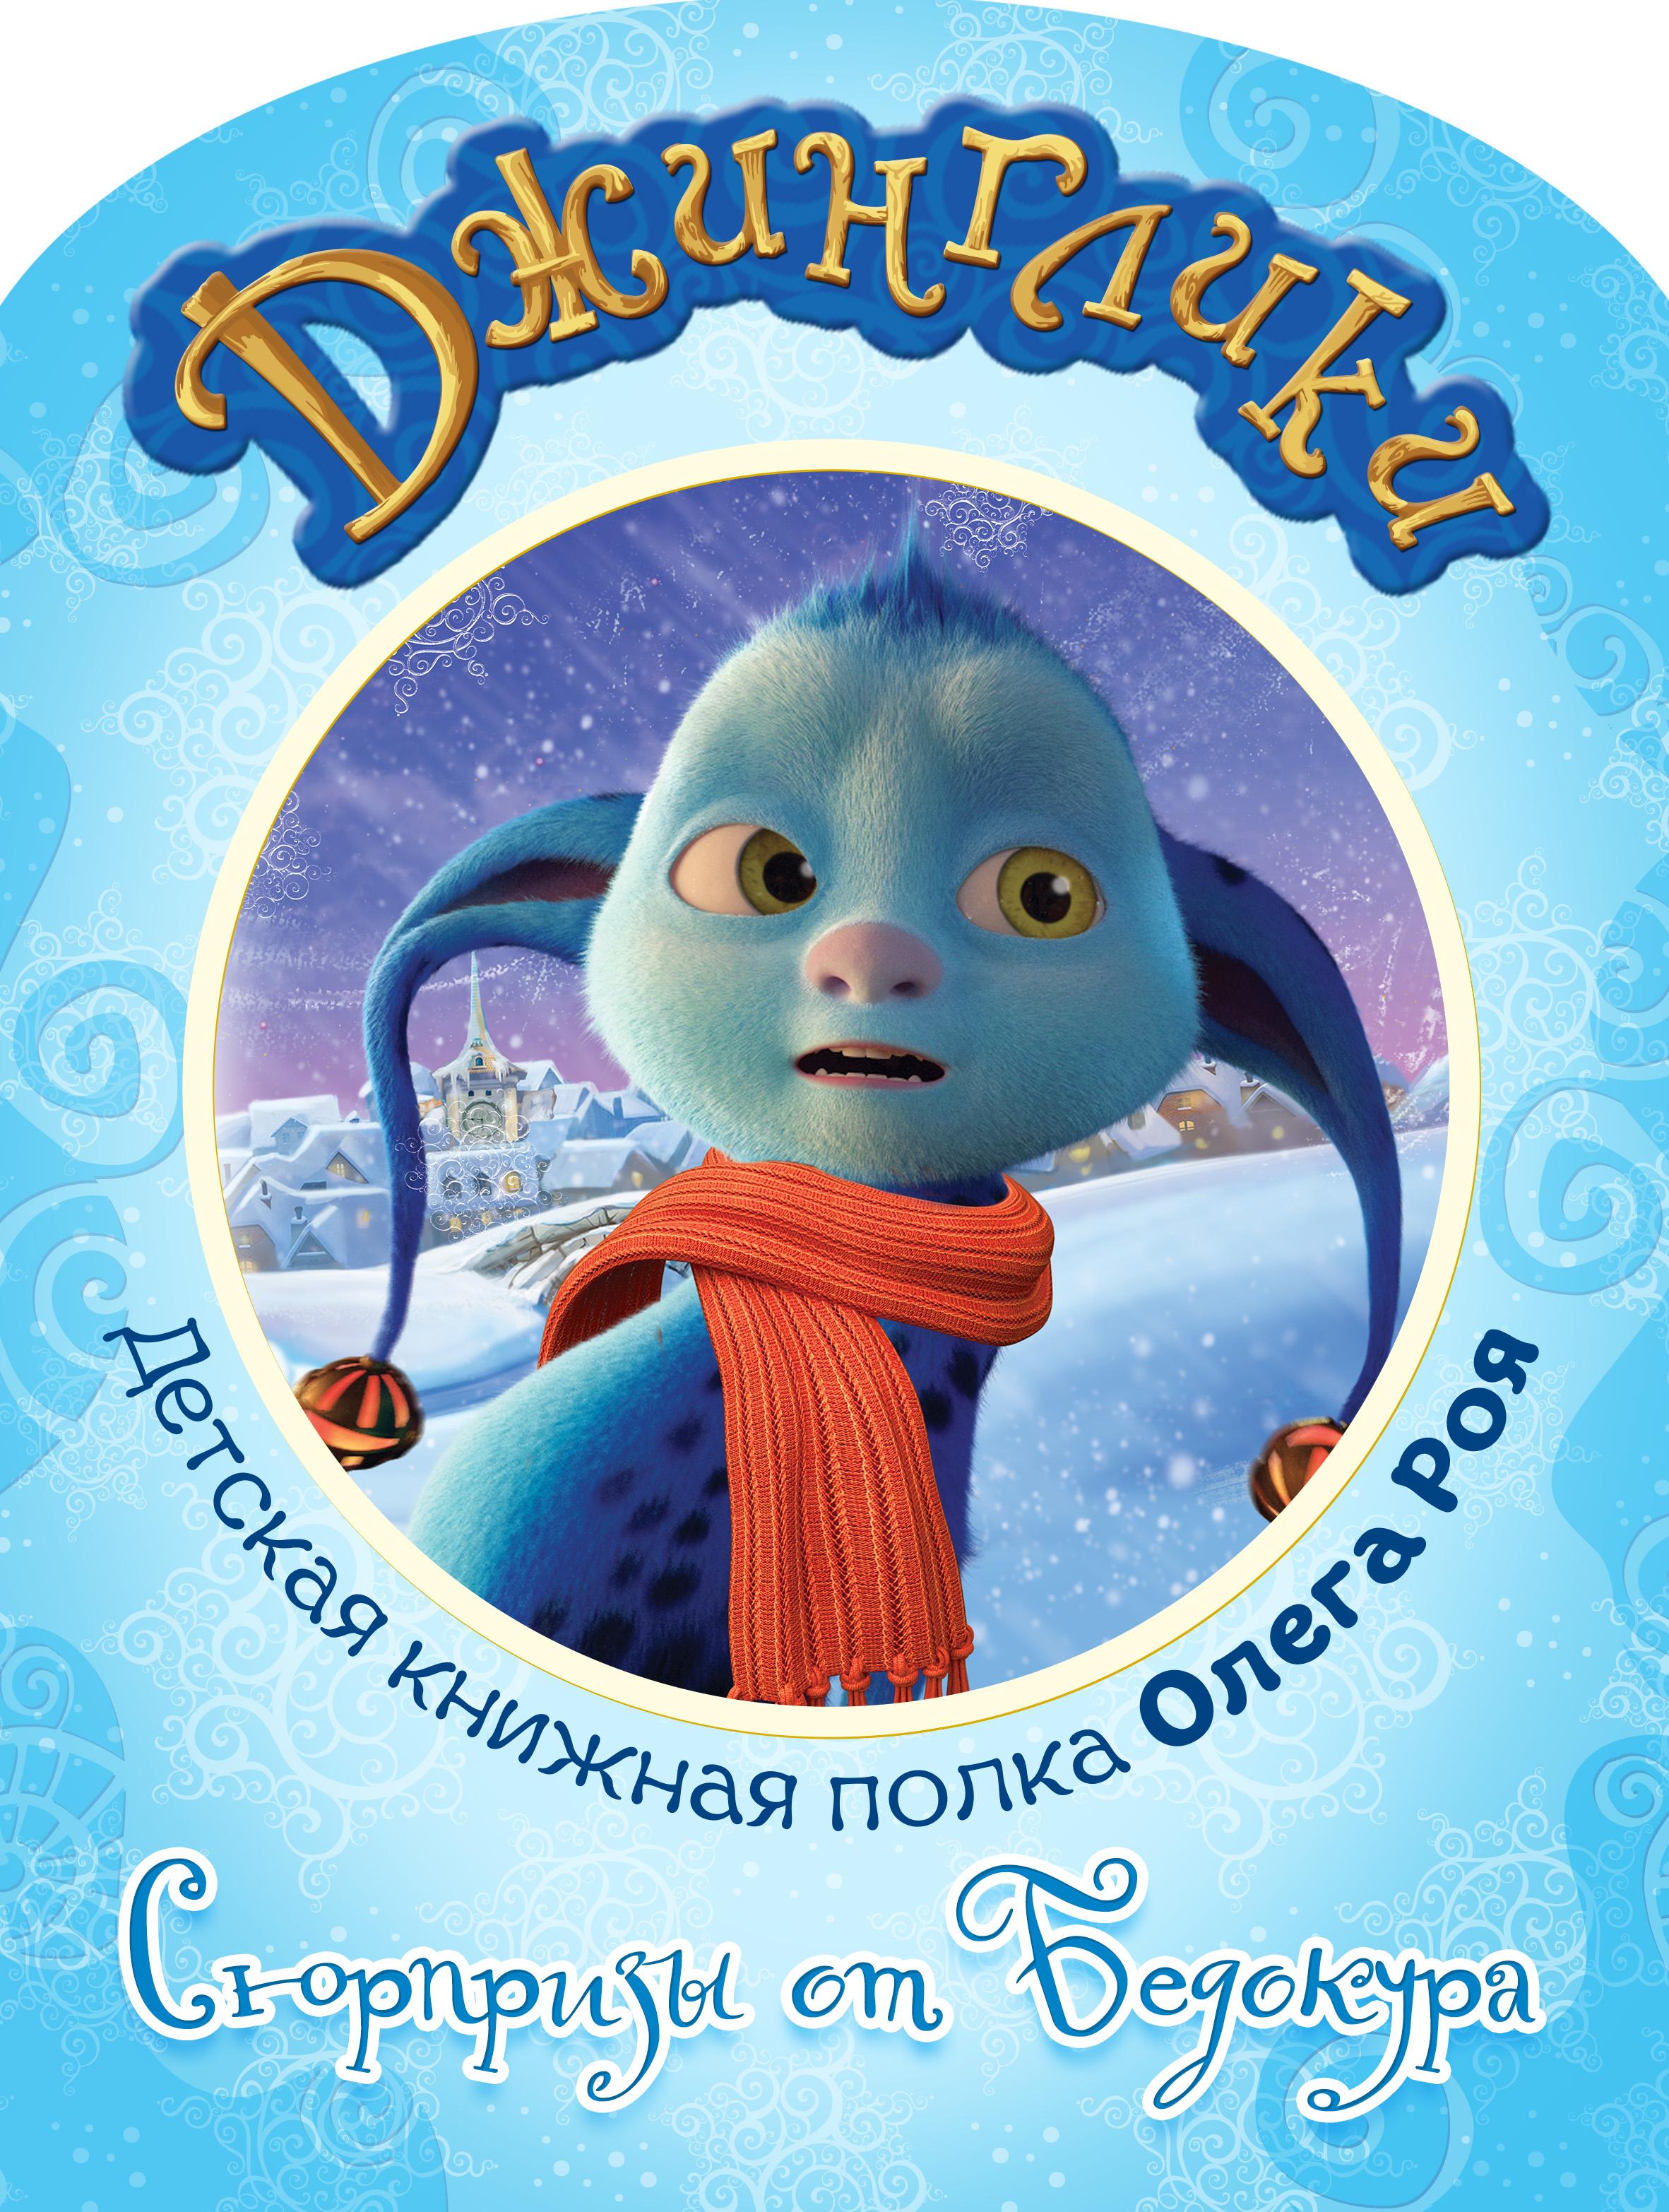 Олег Рой Сюрпризы от Бедокура (с цветными иллюстрациями) сюрпризы фнаф